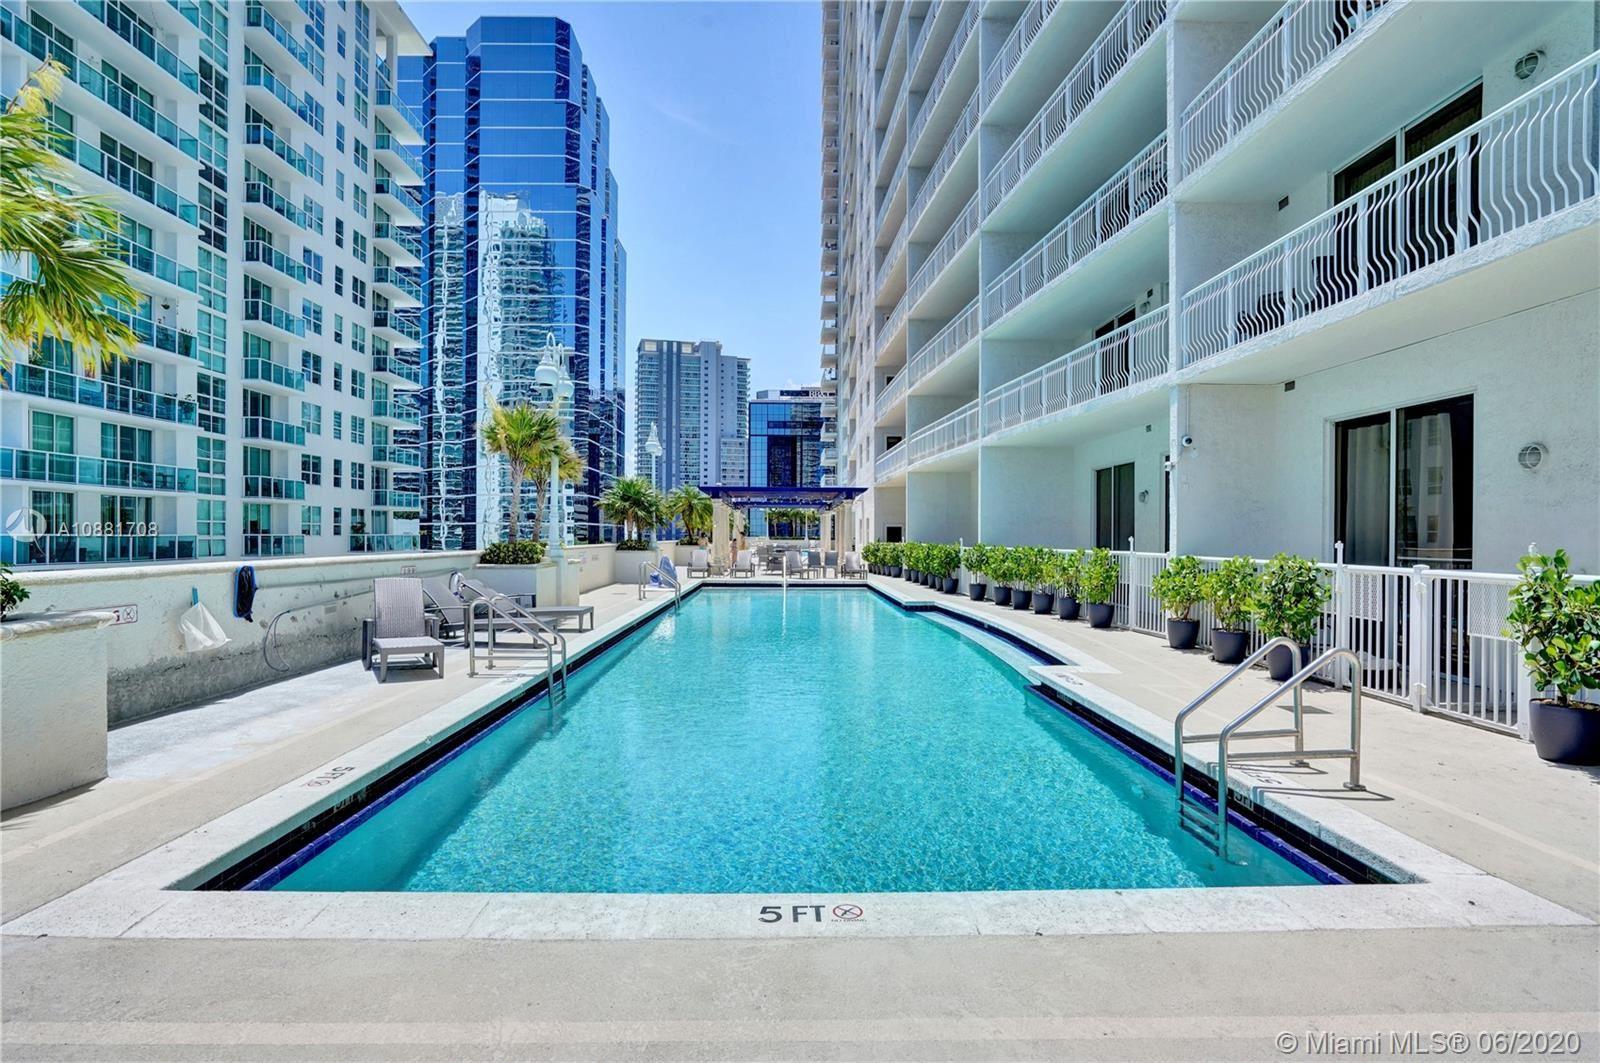 1200 BRICKELL BAY DR #2114, Miami, FL 33131 - #: A10881708